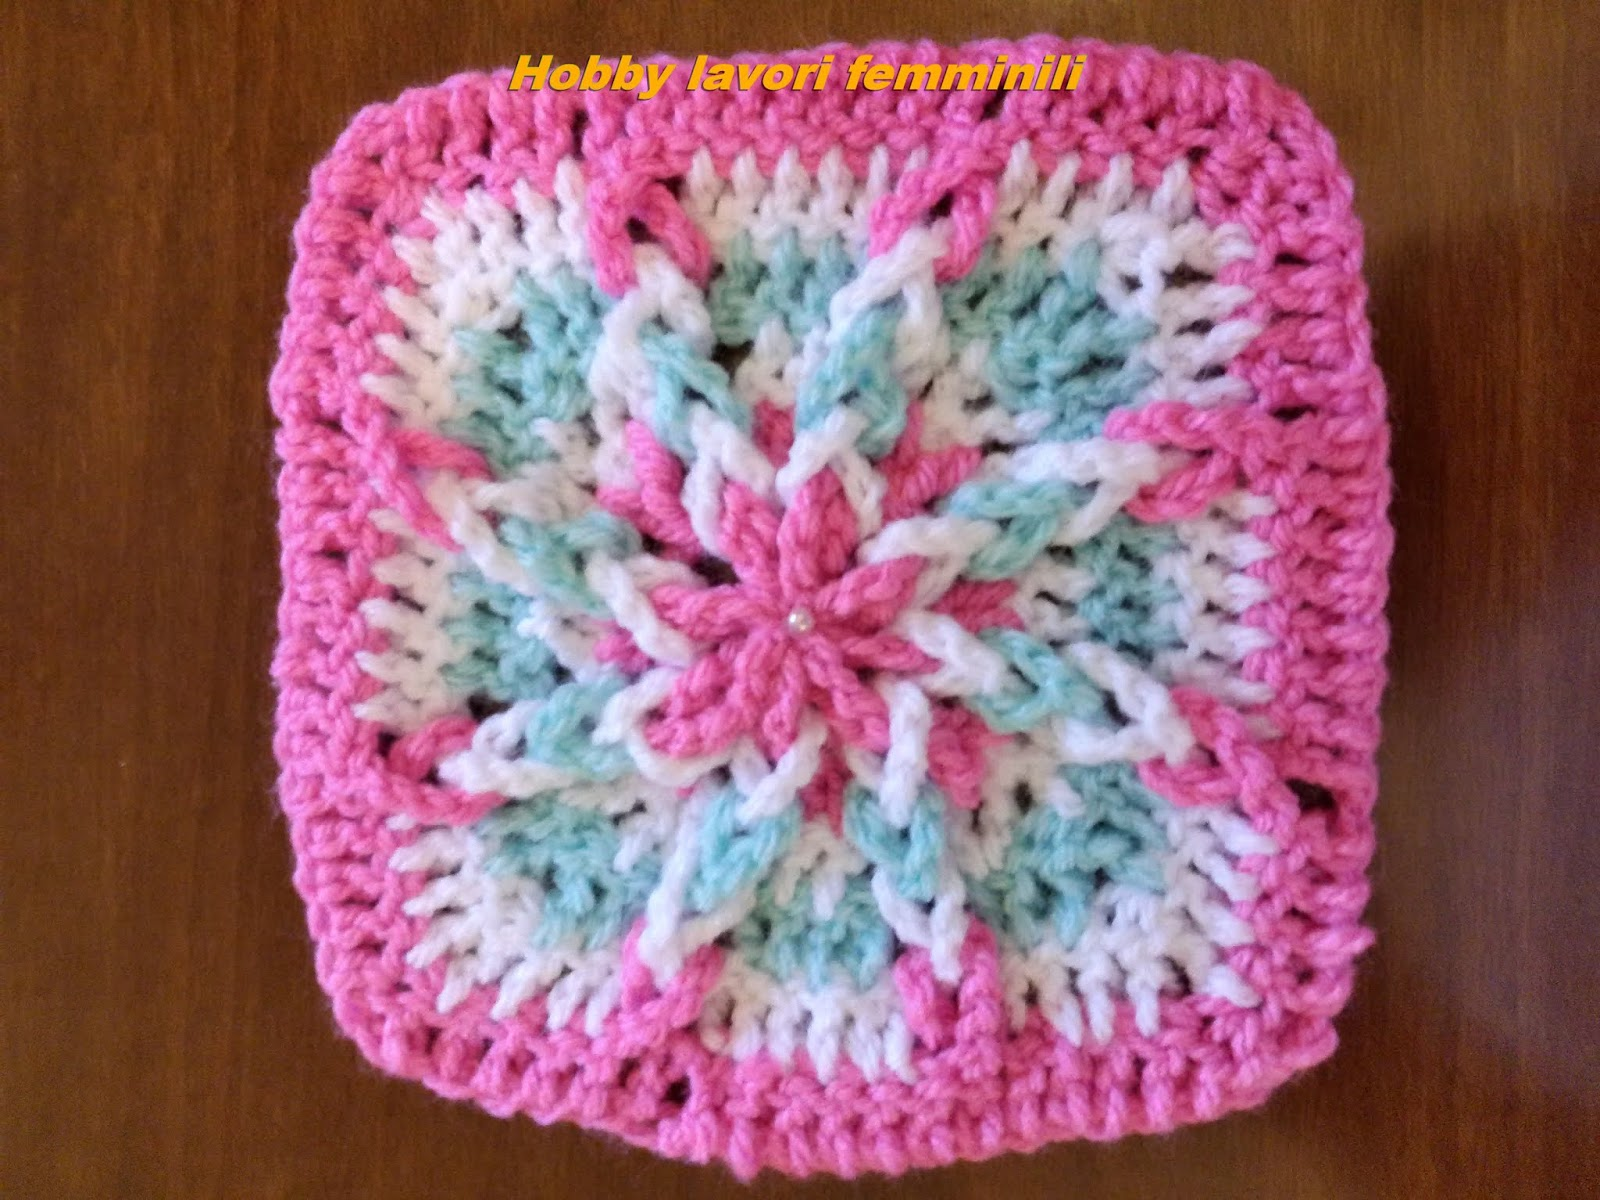 Hobby lavori femminili ricamo uncinetto maglia piastrella